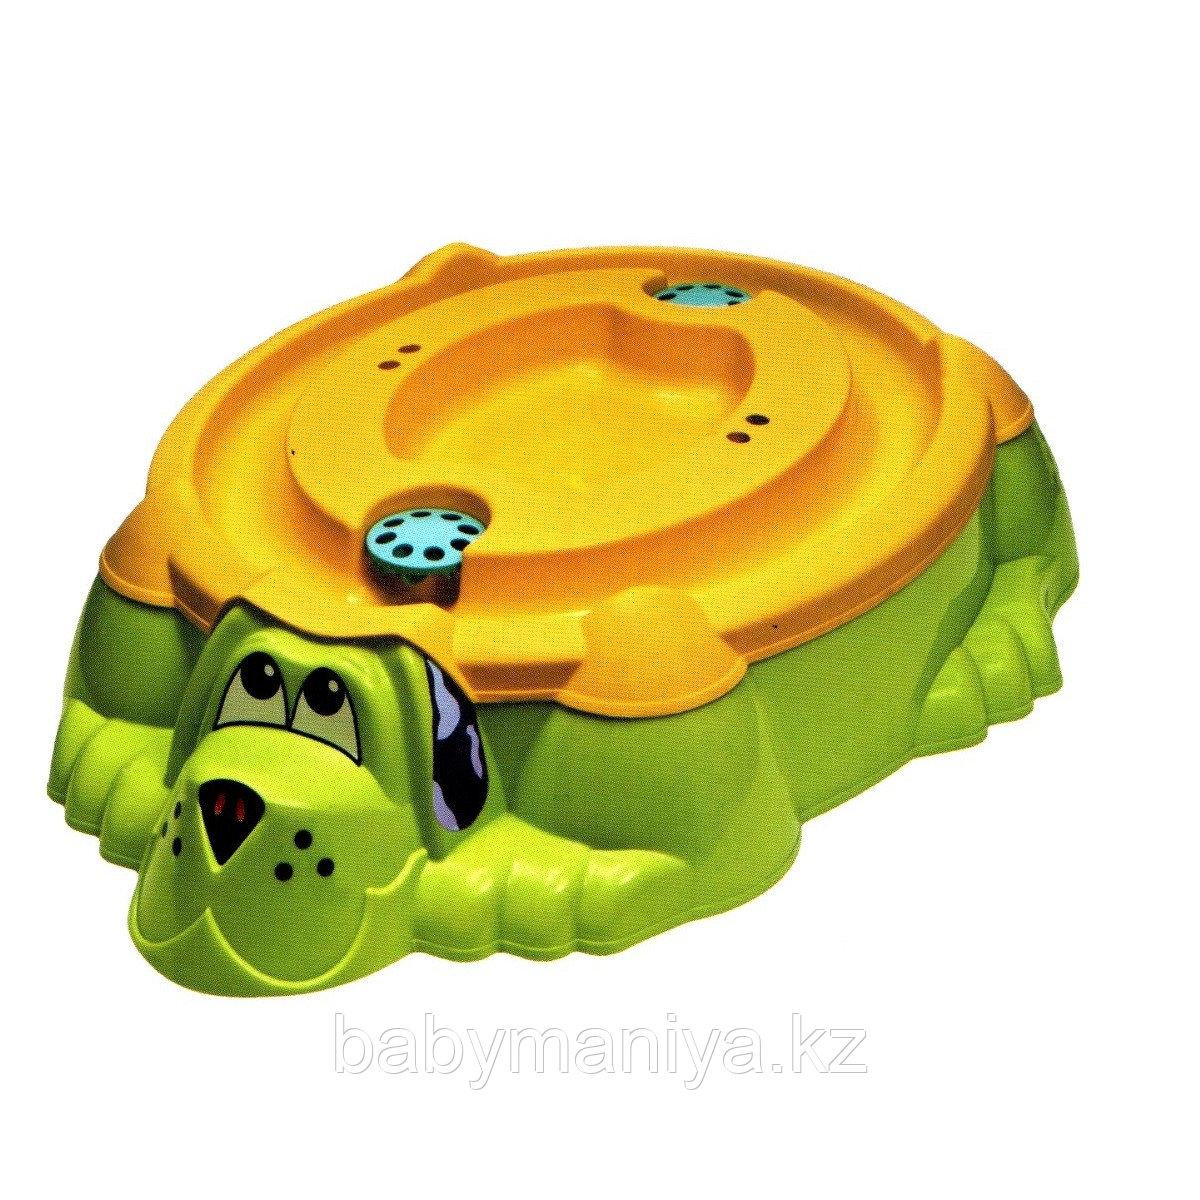 """Песочница - бассейн """"Собачка с крышкой"""" Marian Plast Оранжевый/зеленый"""